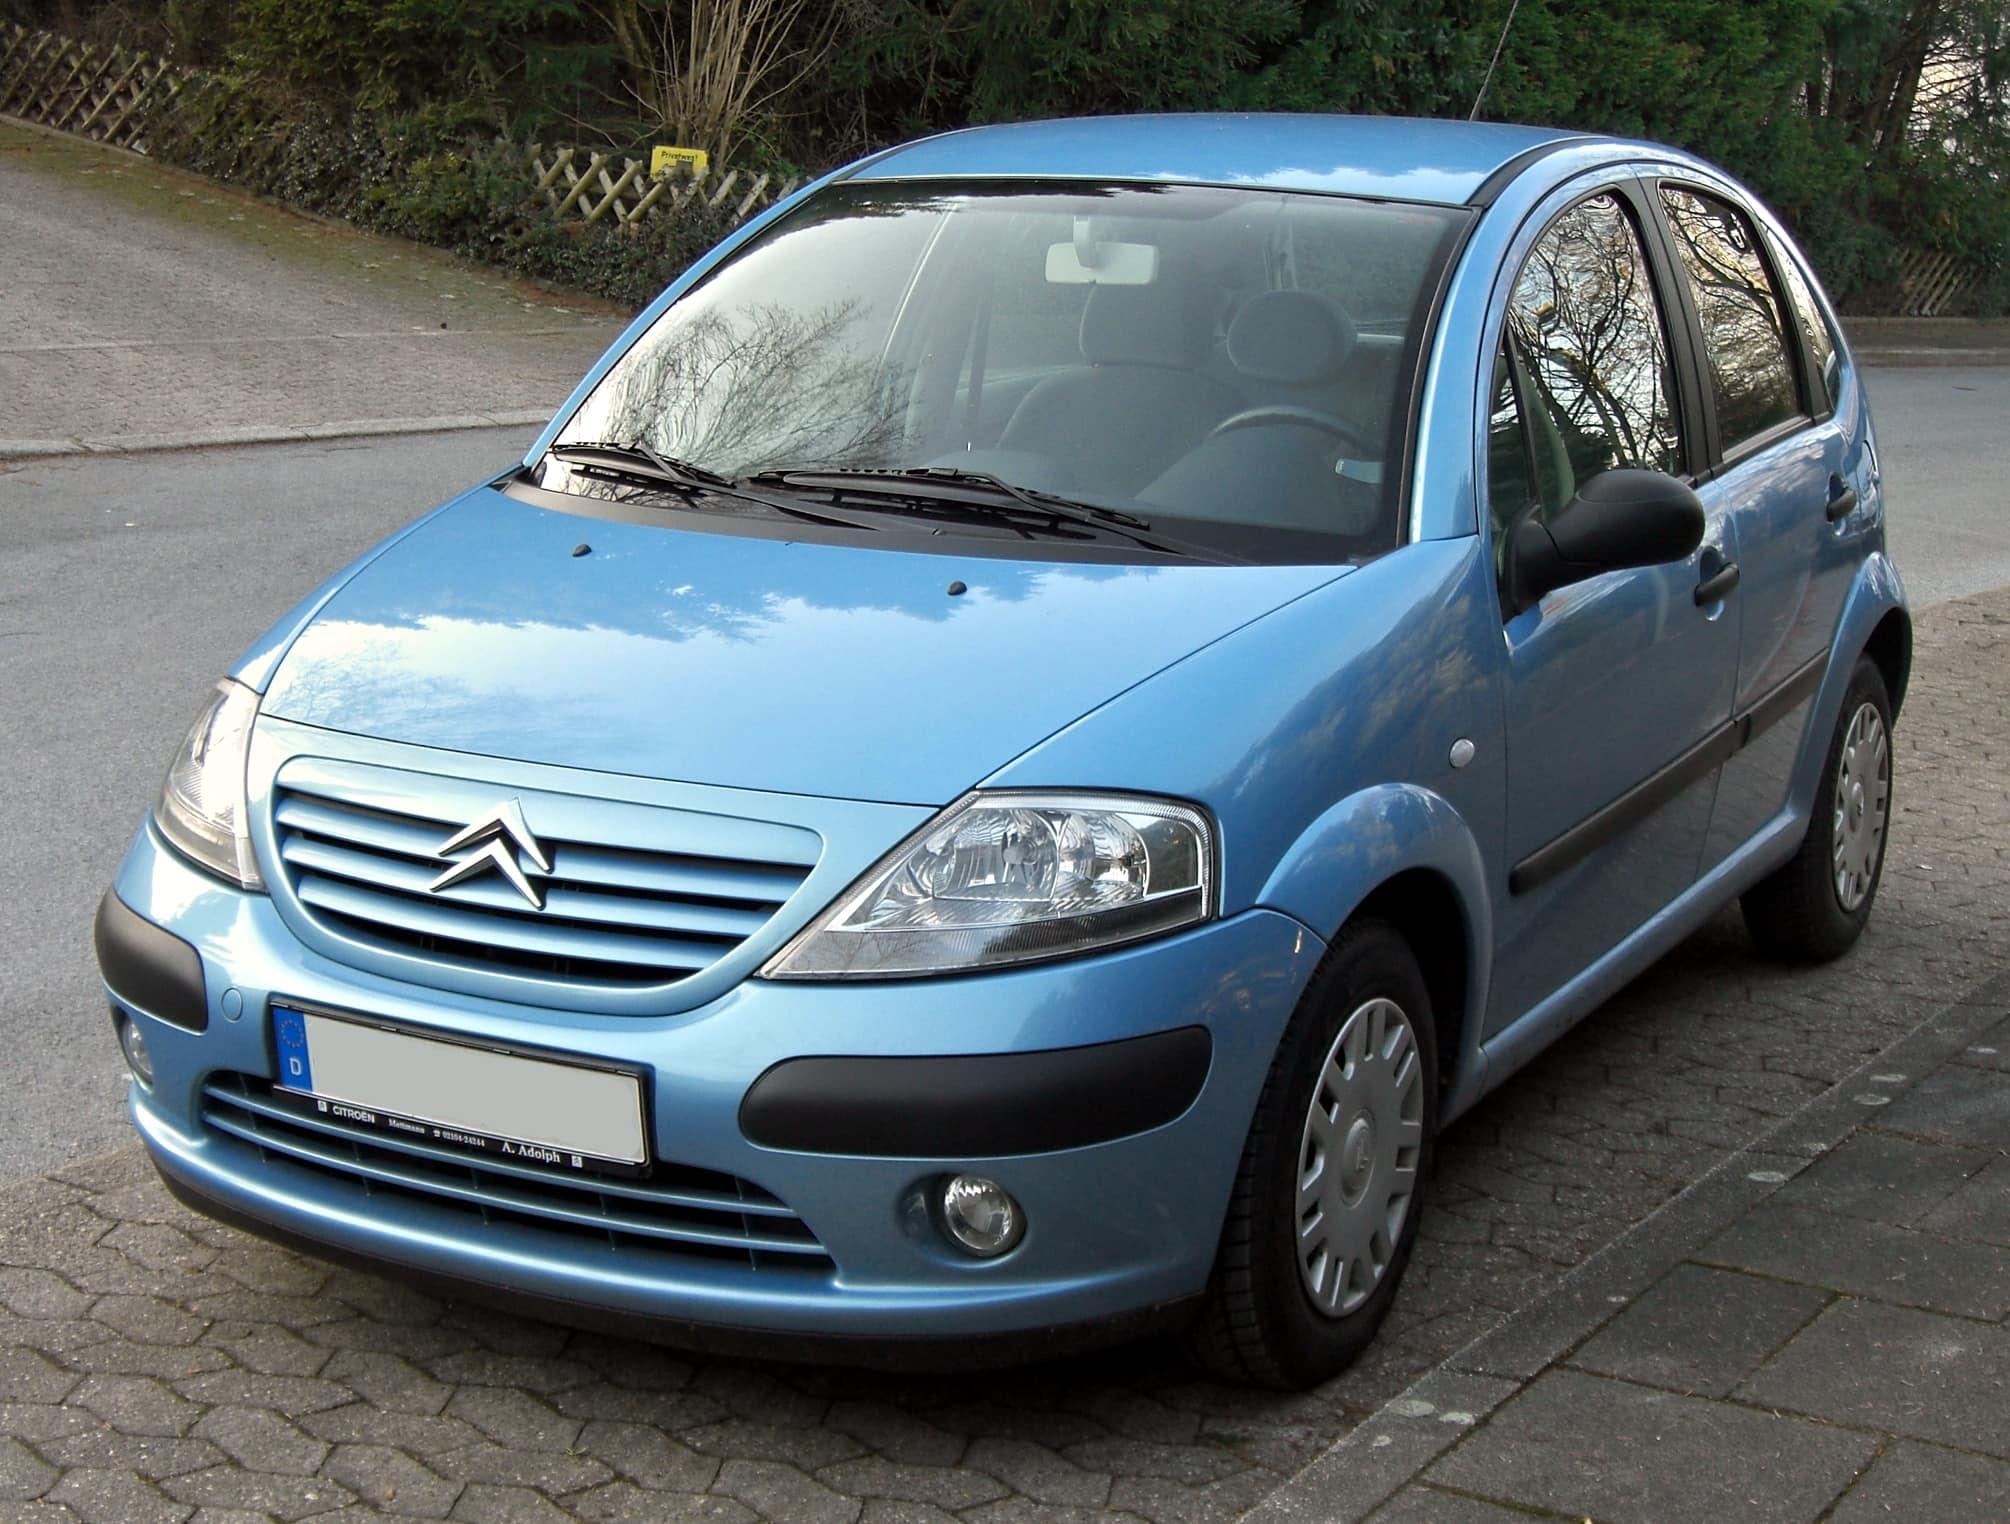 Citroën_C3_front